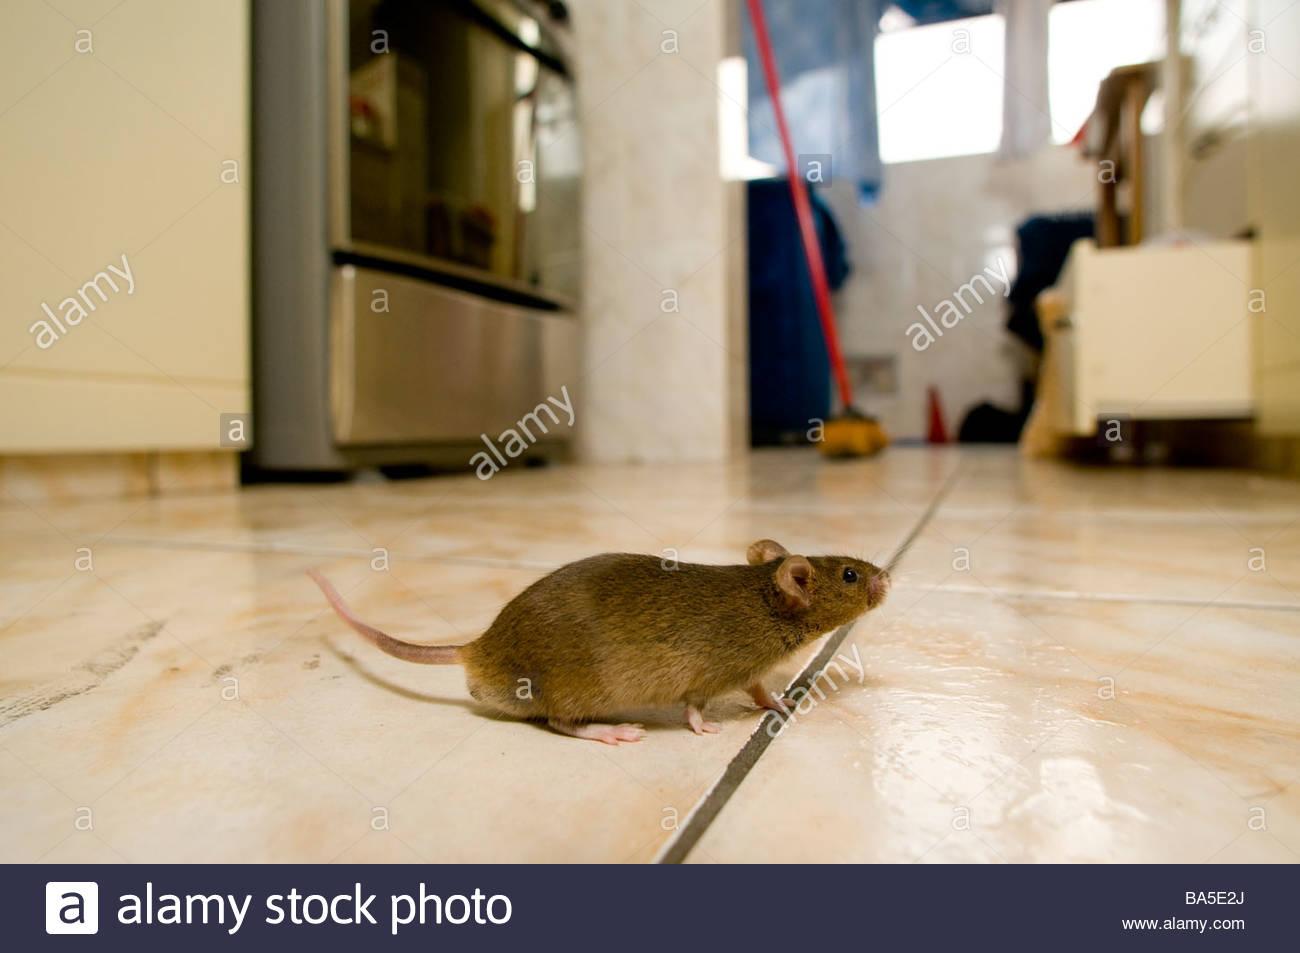 Maus in Küche Stockbild